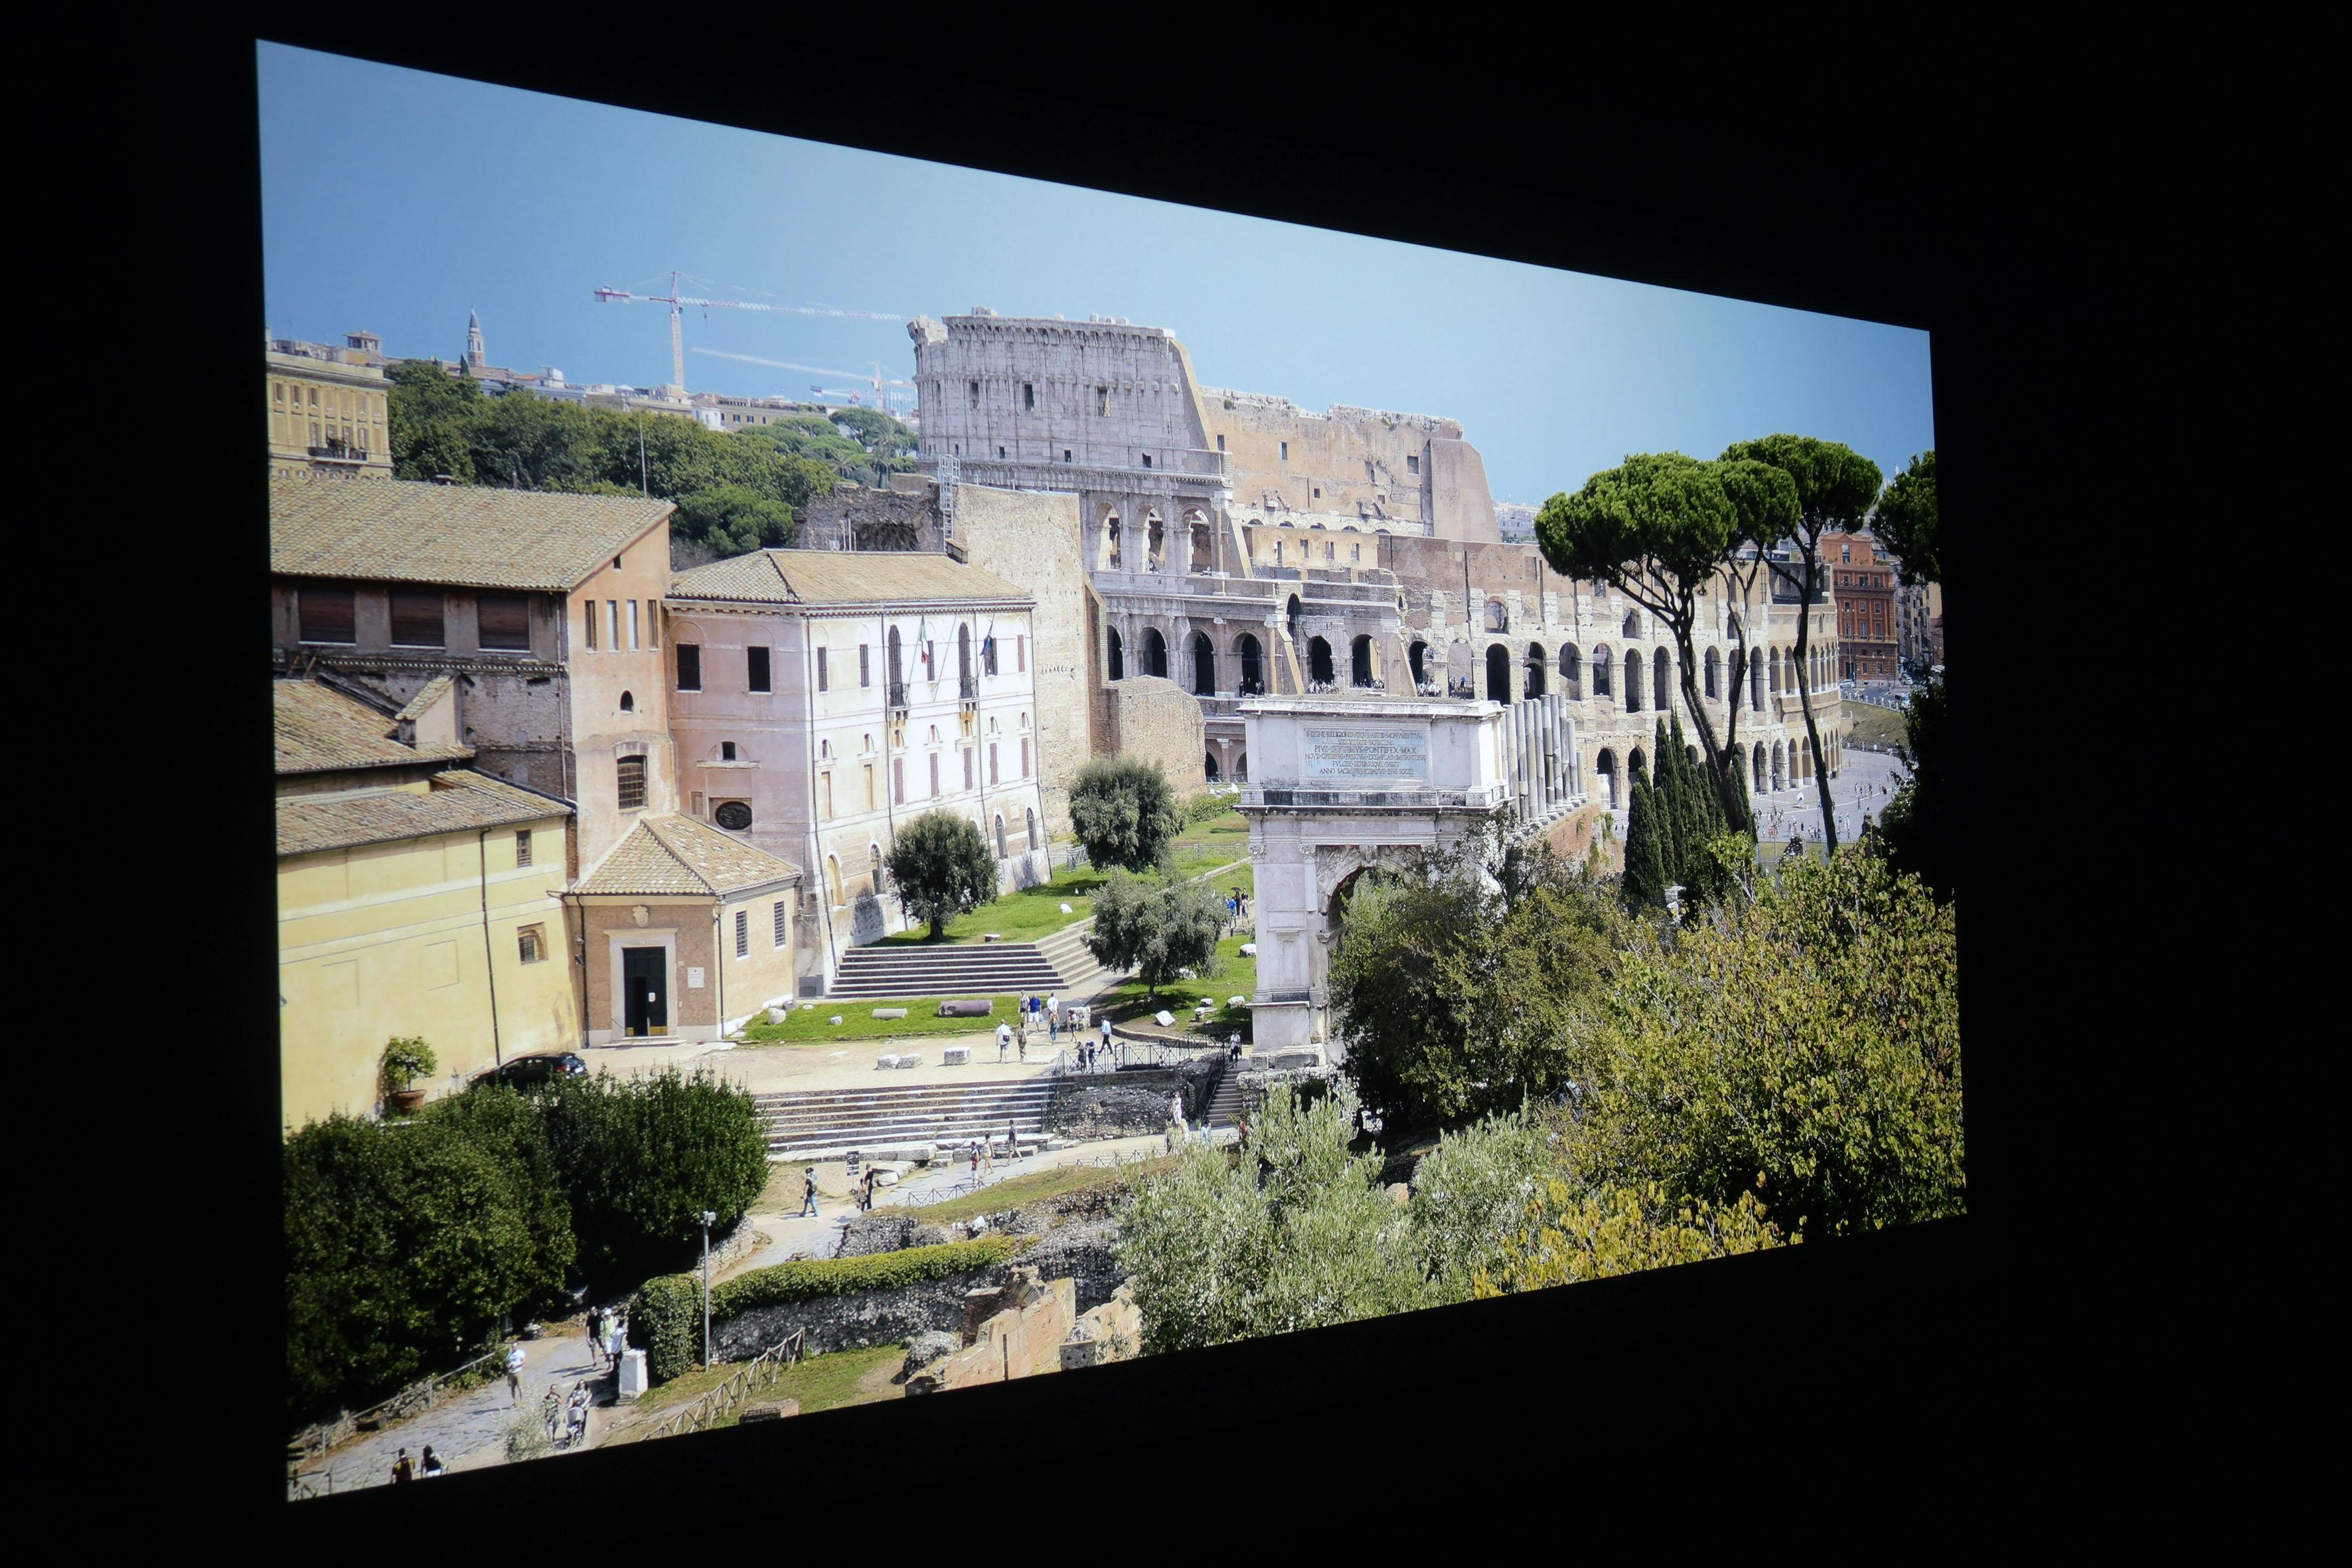 Foto: Michael B. Rehders Kurz vor einem Gewitter habe ich diese Aufnahme in Rom geschossen.